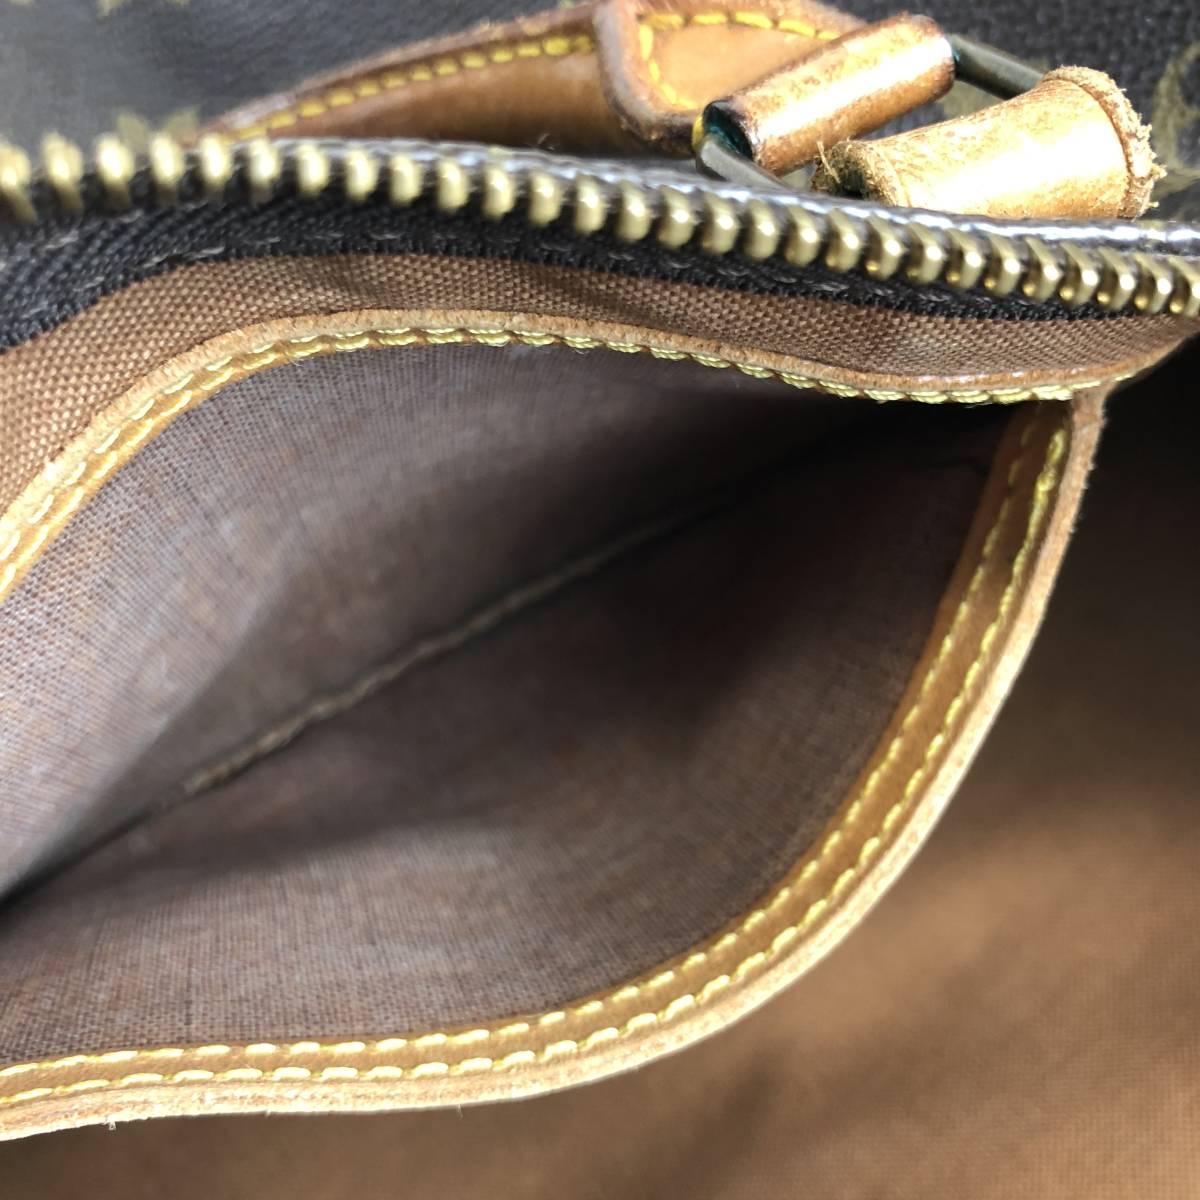 ジャンク品【3点セット】LOUIS VUITTON ルイヴィトン モノグラム スピーディ40 M41522 ボストンバッグ ハンドバッグ セカンドバッグ_画像7